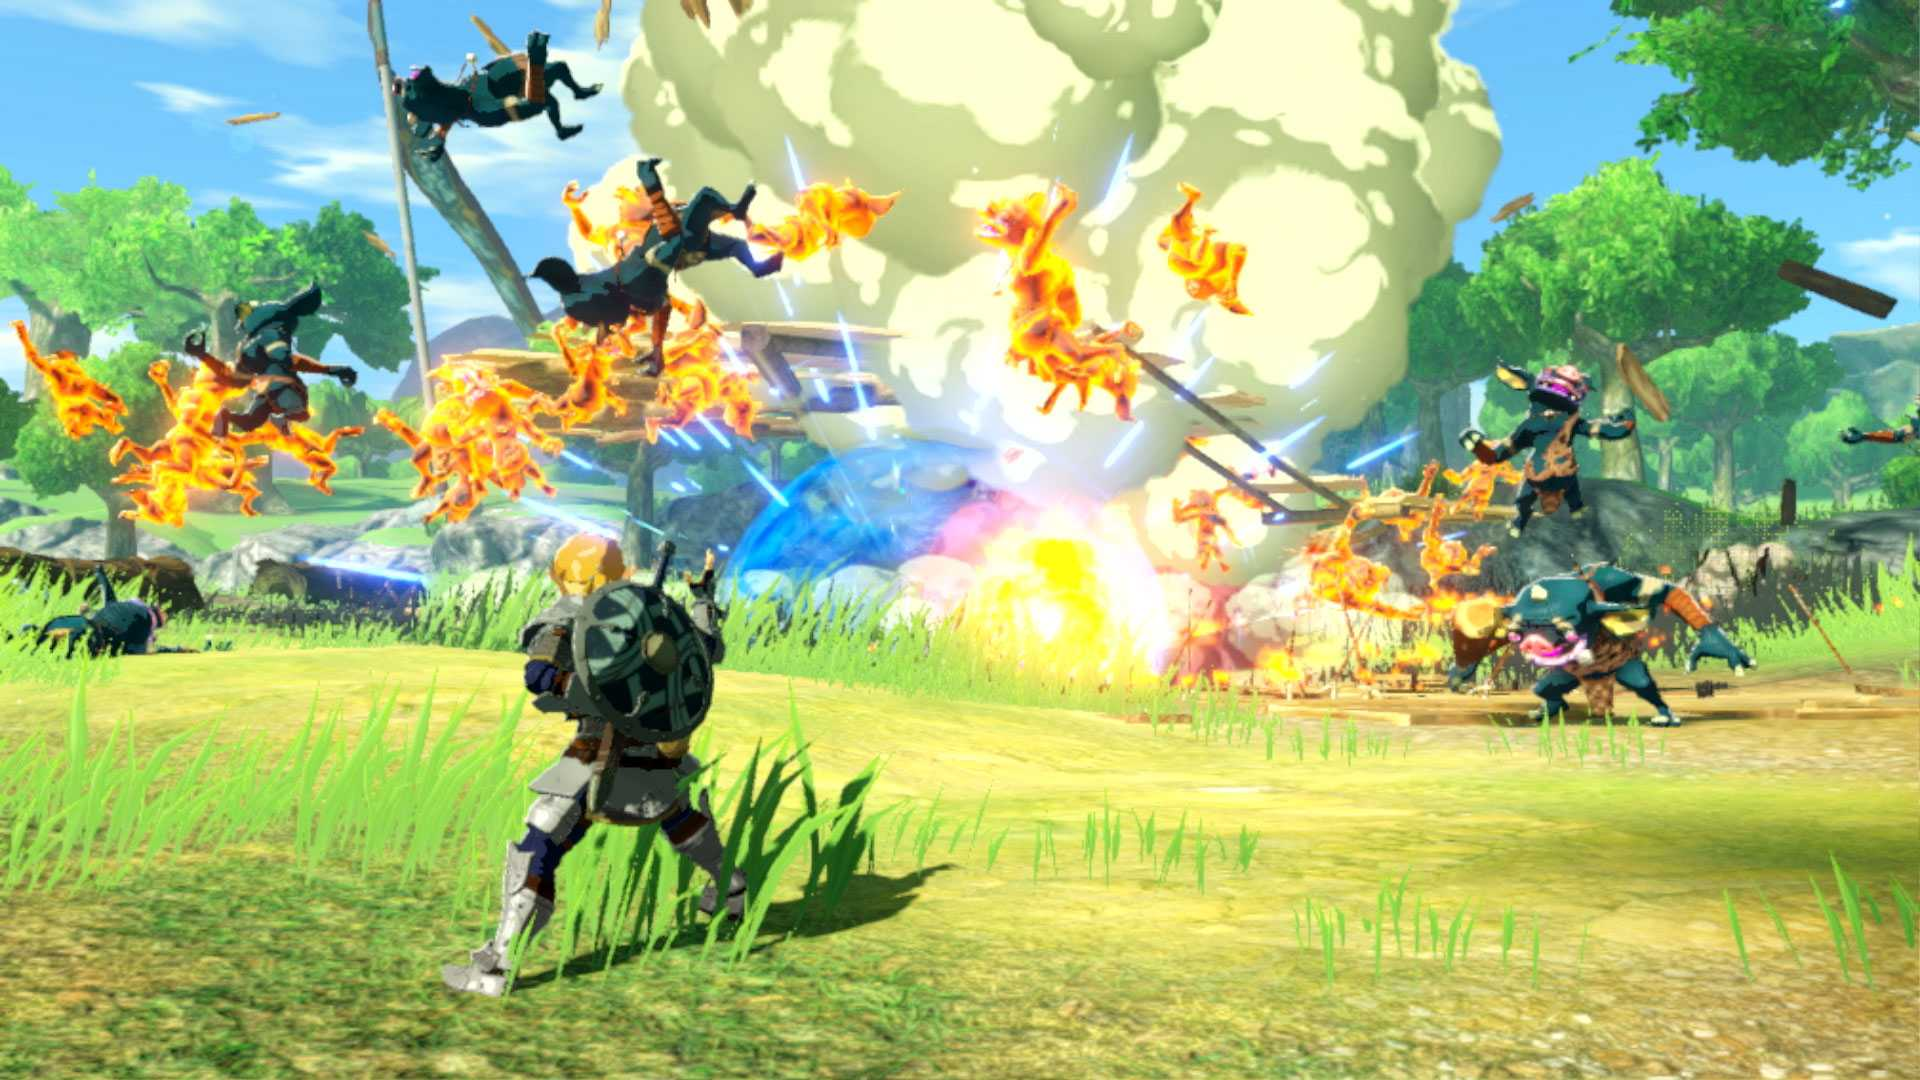 Hyrule Warriors: Age of Calamity - La liste de jeu extraite des données a  été divulguée